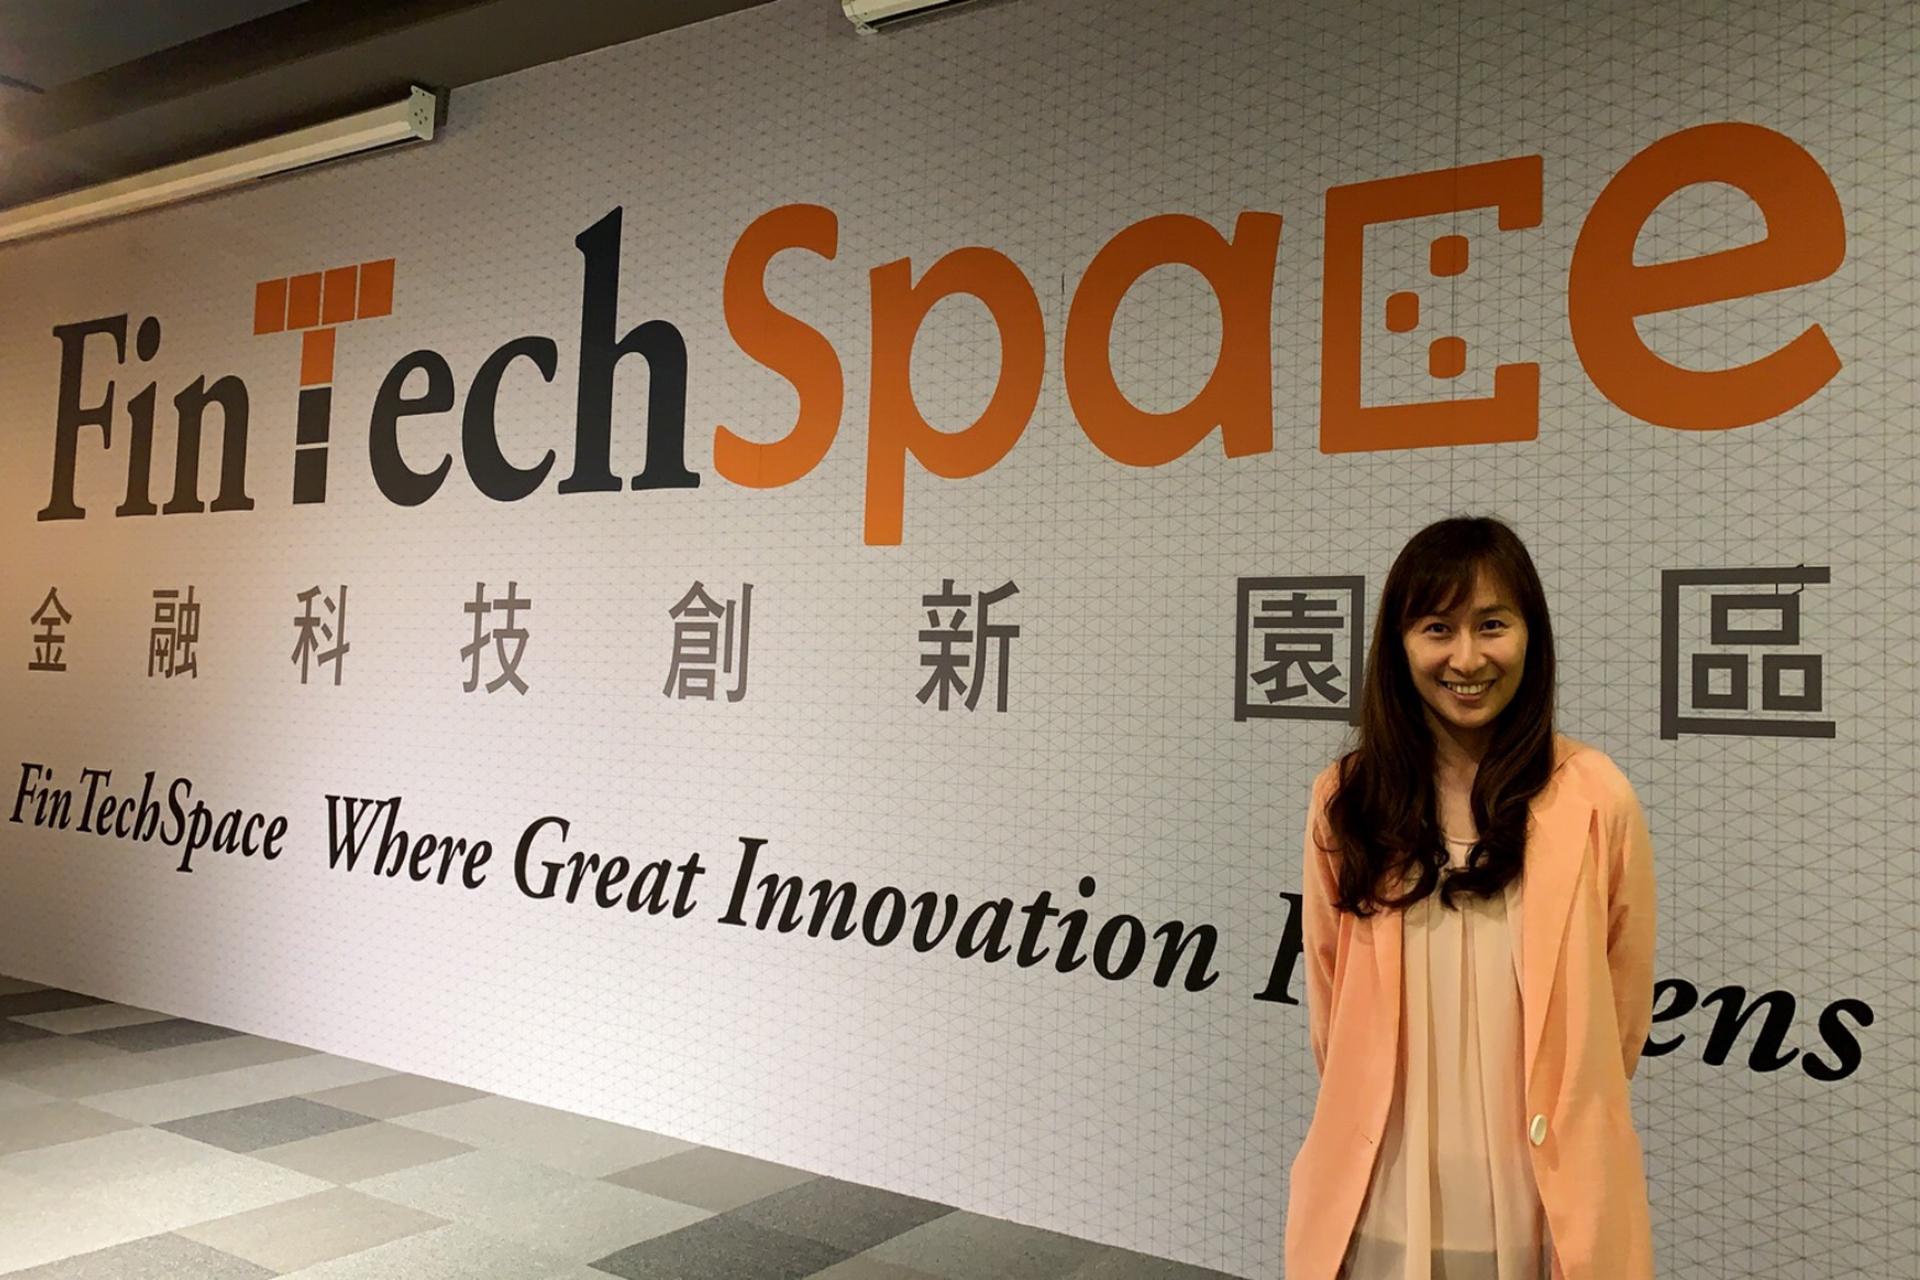 從學術之路轉彎走向創業,專訪不動產數據分析專家 Karen 鄧筱蓉